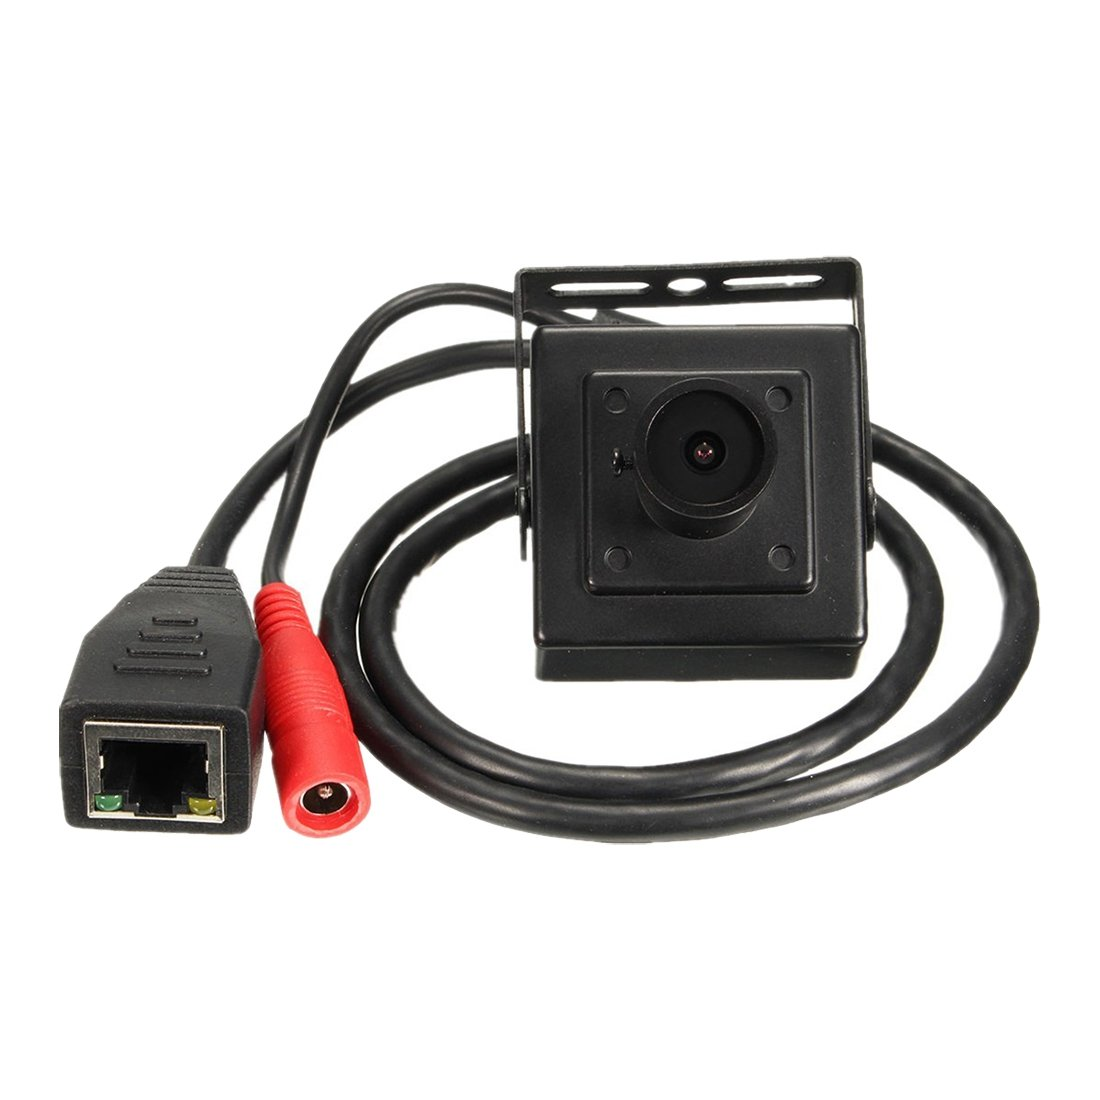 Telecamera - TOOGOO(R) HD 720P 1.0MP Mini Wifi Nascosto Telecamera IP Rete Camera Sorveglianza Safety